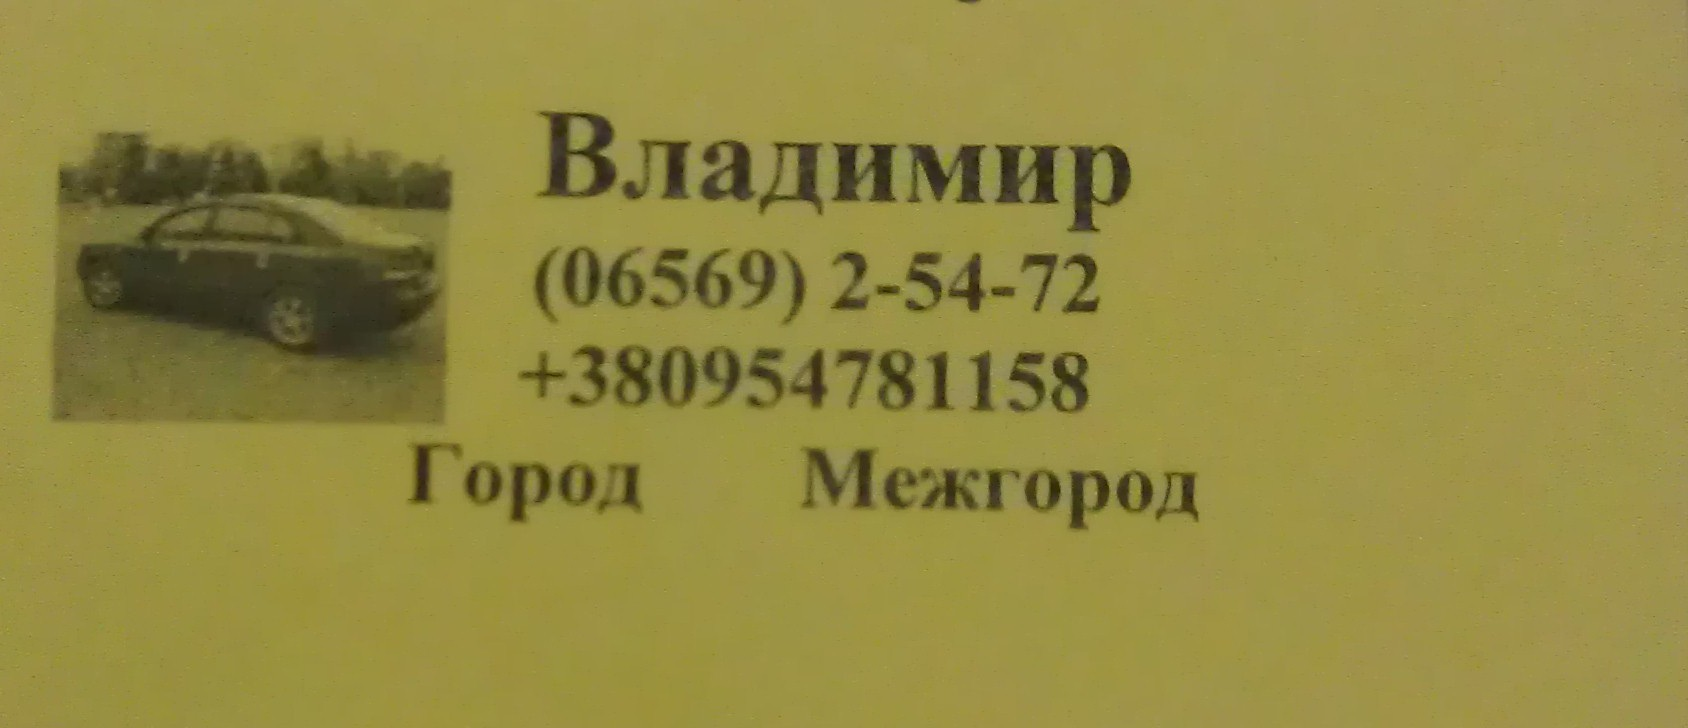 Таксист Владимир